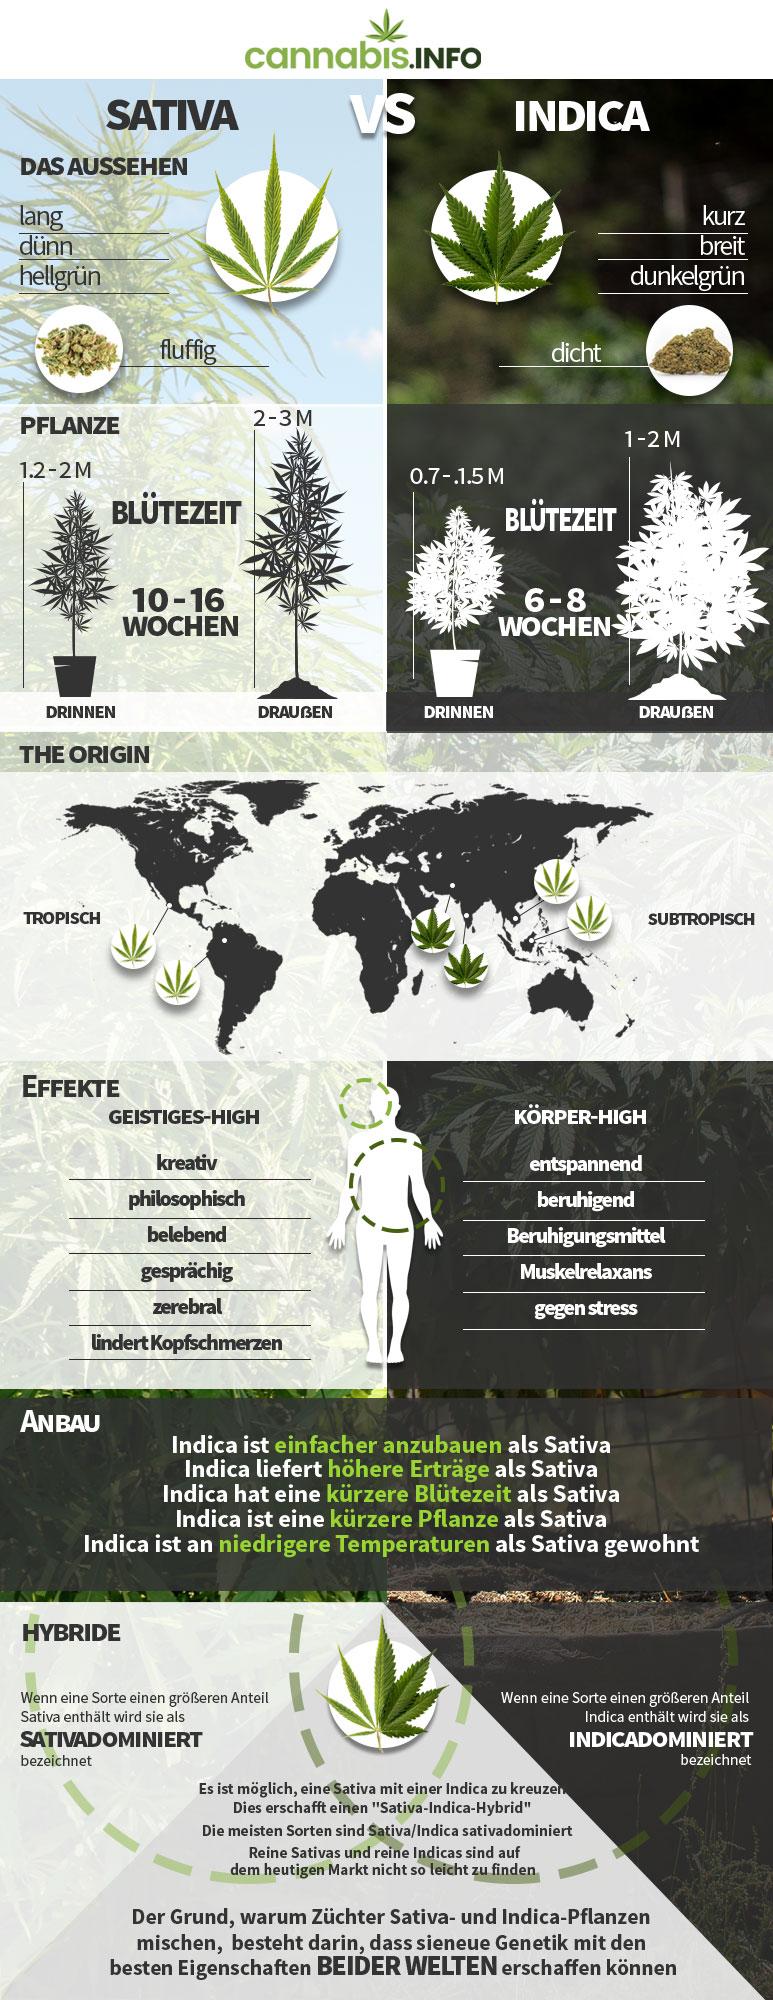 Der unterschied zwischen sativa, indica, ruderalis und hybriden cannabispflanzen